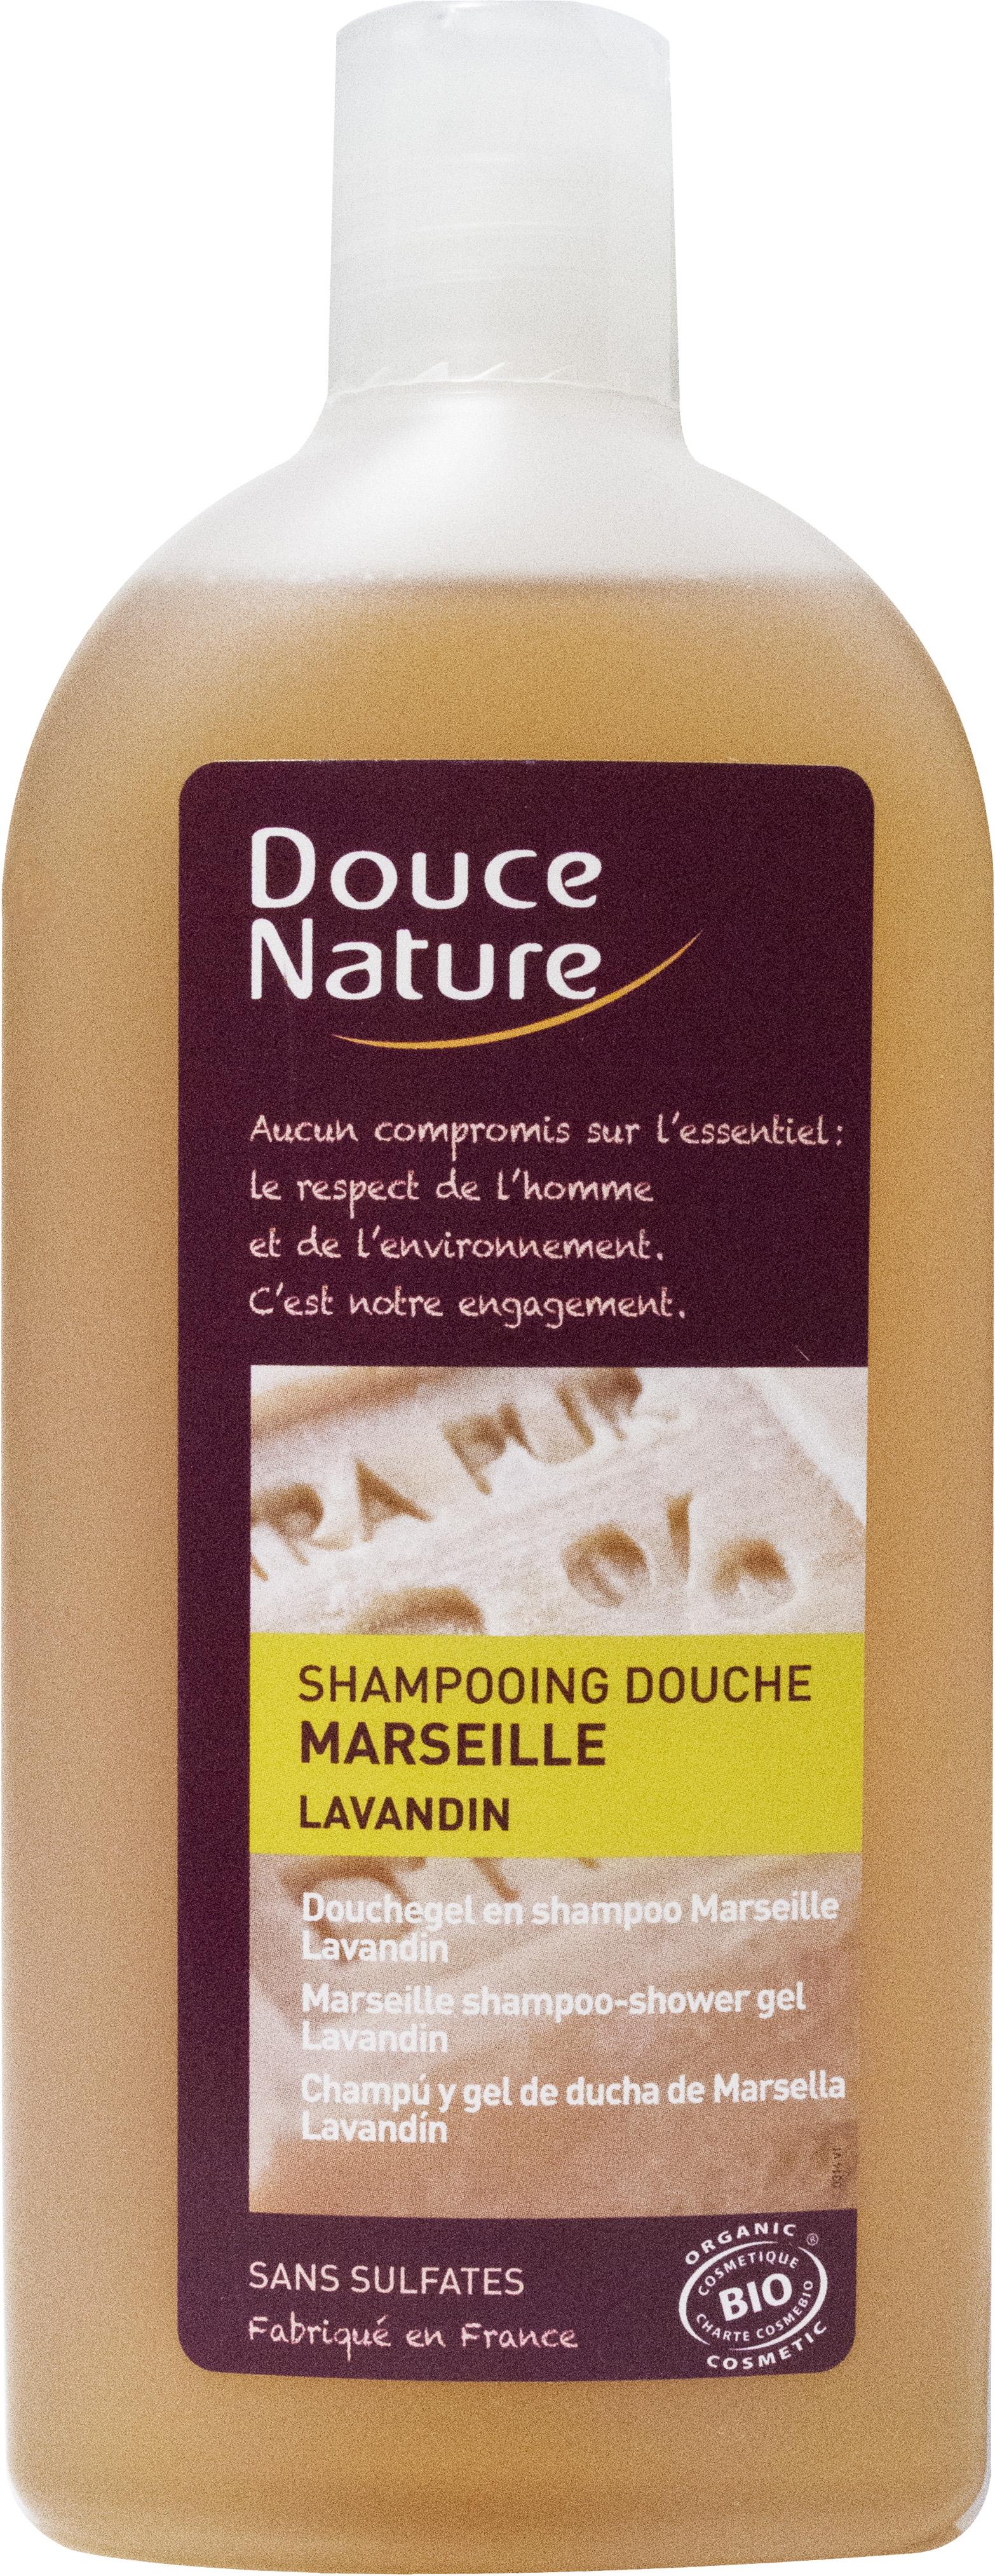 Shampooing-douche de Marseille Lavandin, Douce Nature (300 ml)